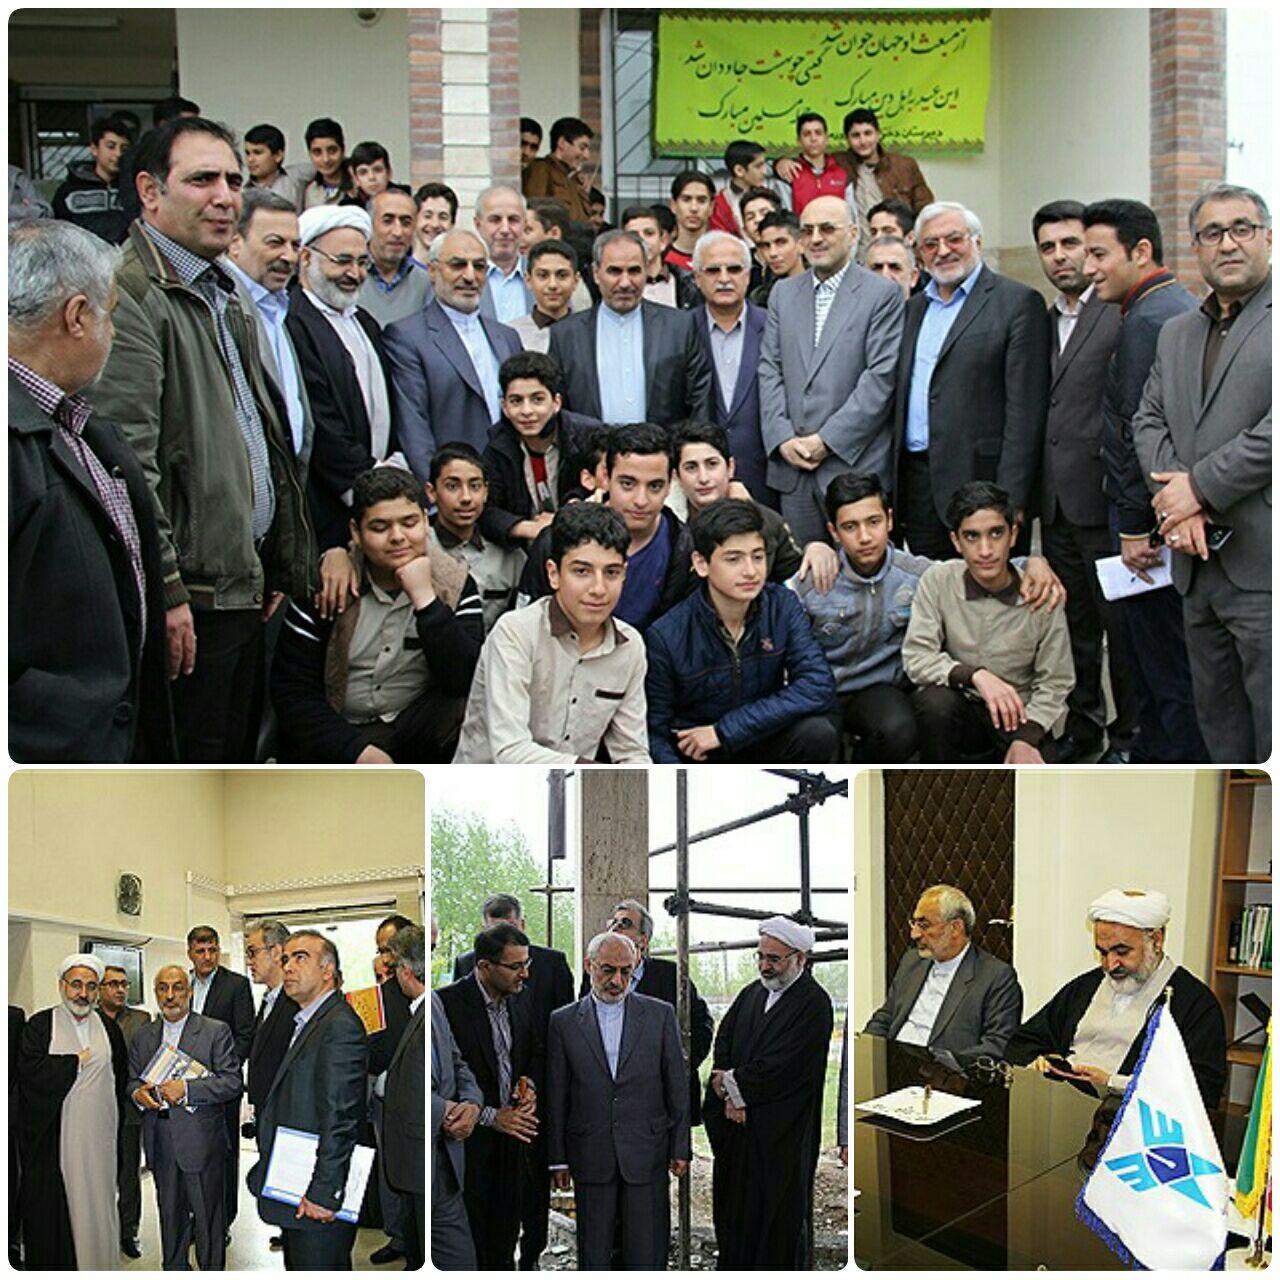 بازديد از مراكز آموزشي استان گيلان همراه با اعضاي كميسيون آموزش و تحقيقات مجلس